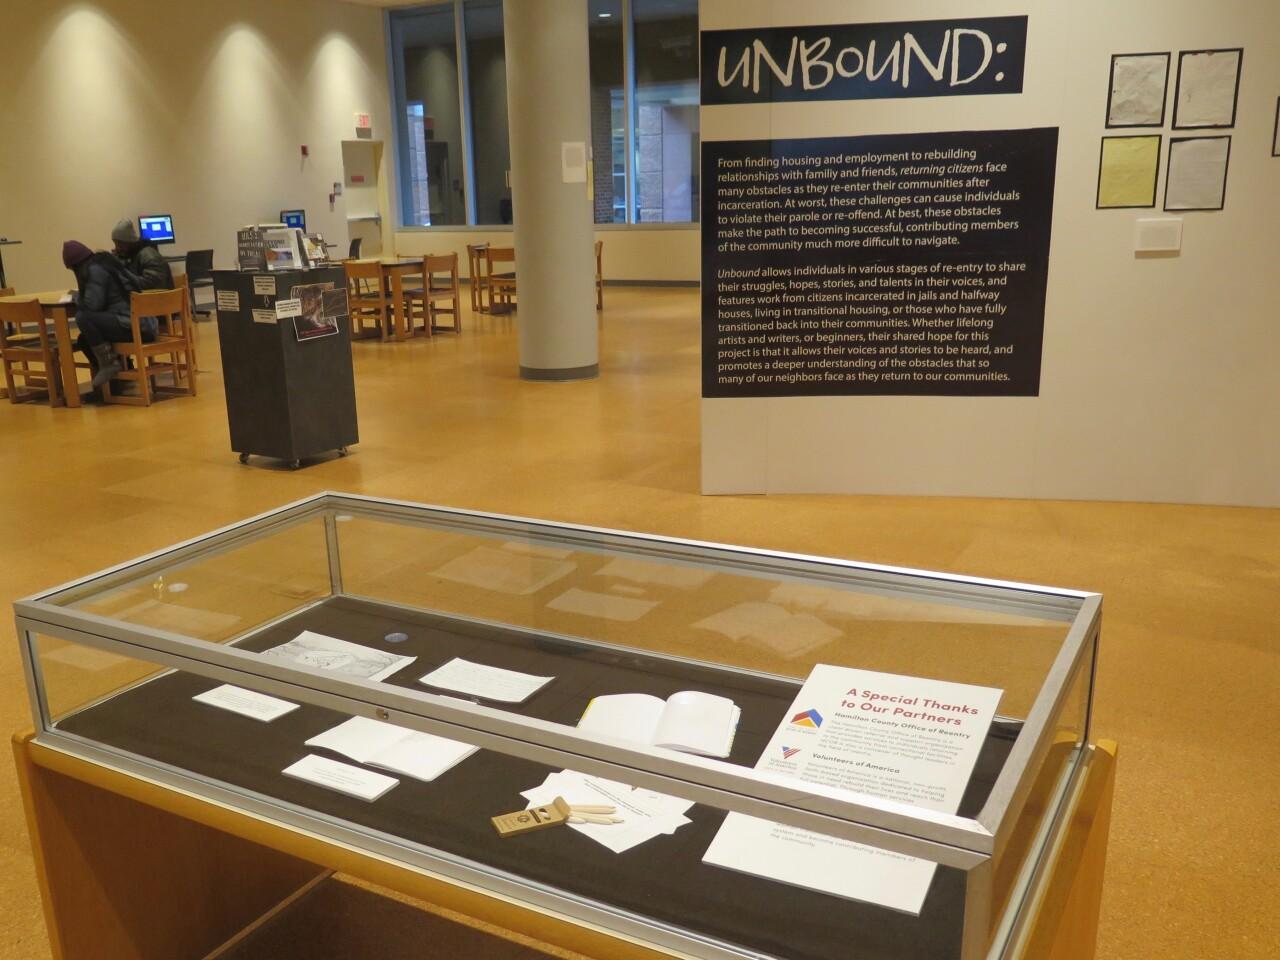 Unbound_exhibit.jpg